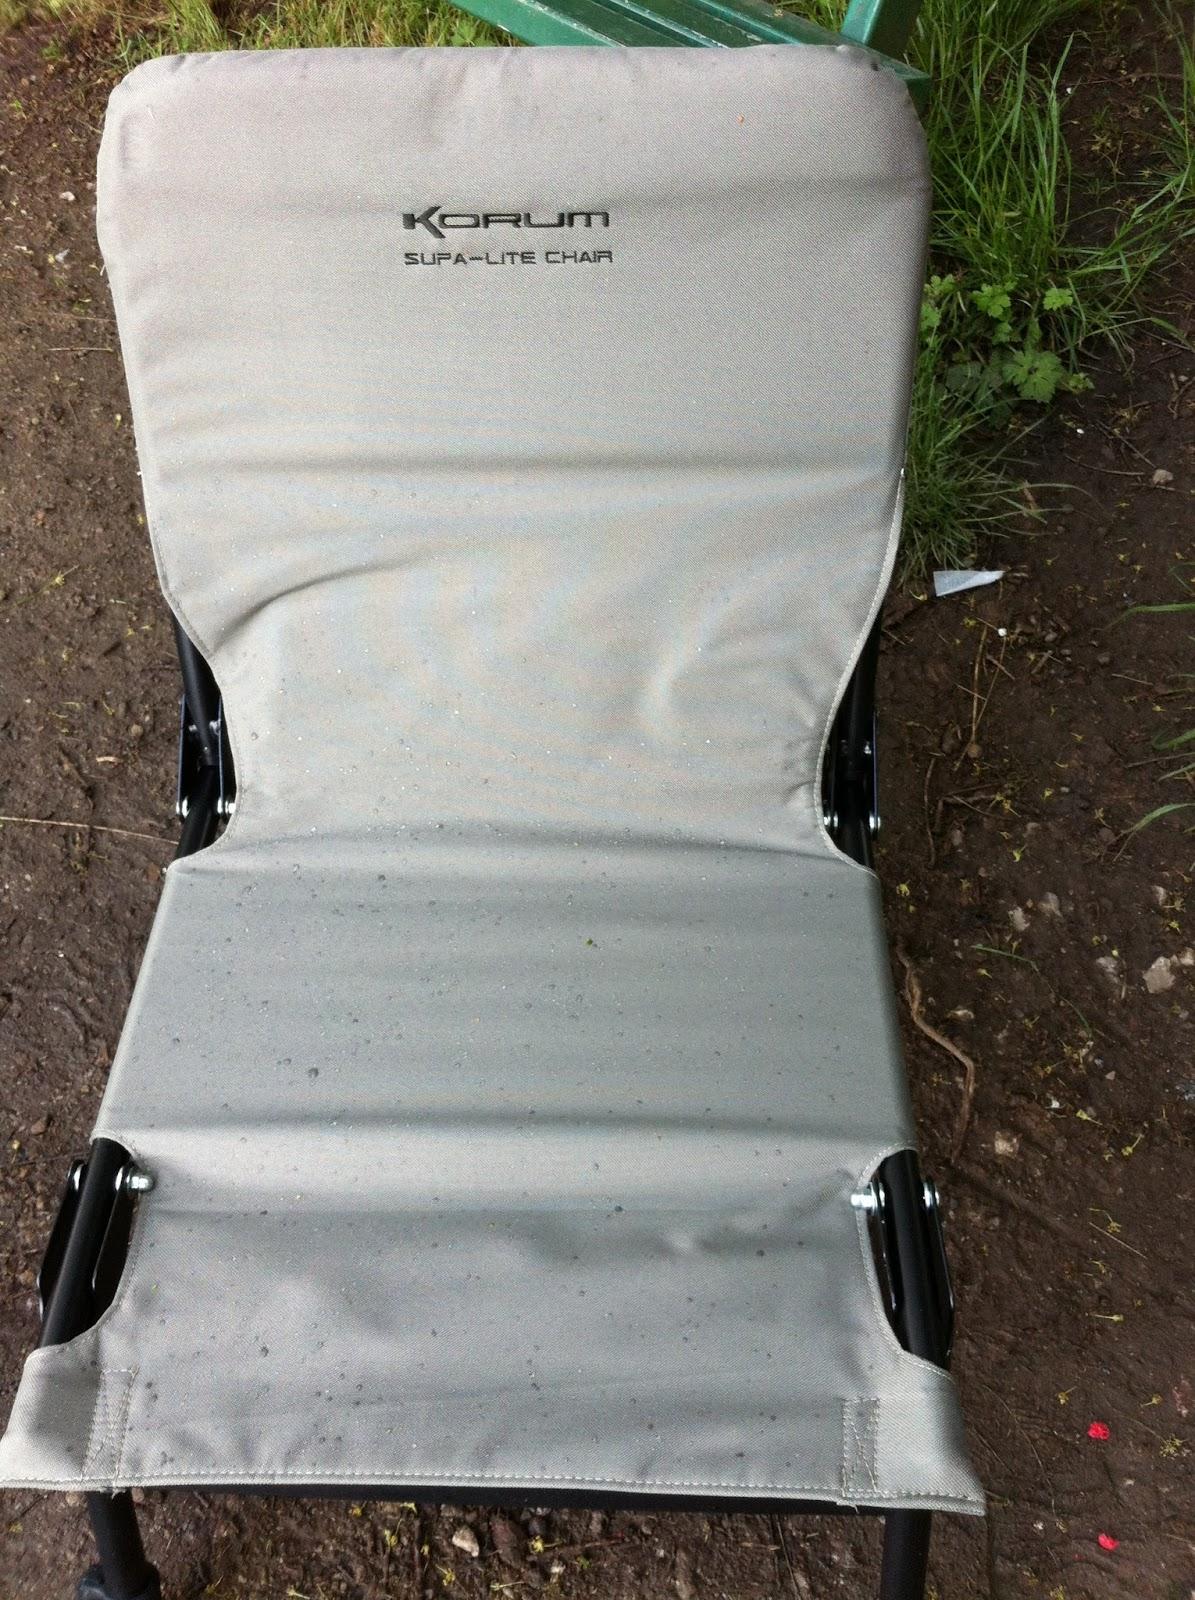 Fishing Roving Chair Childs Adirondack Pete777 Korum Supa Lite